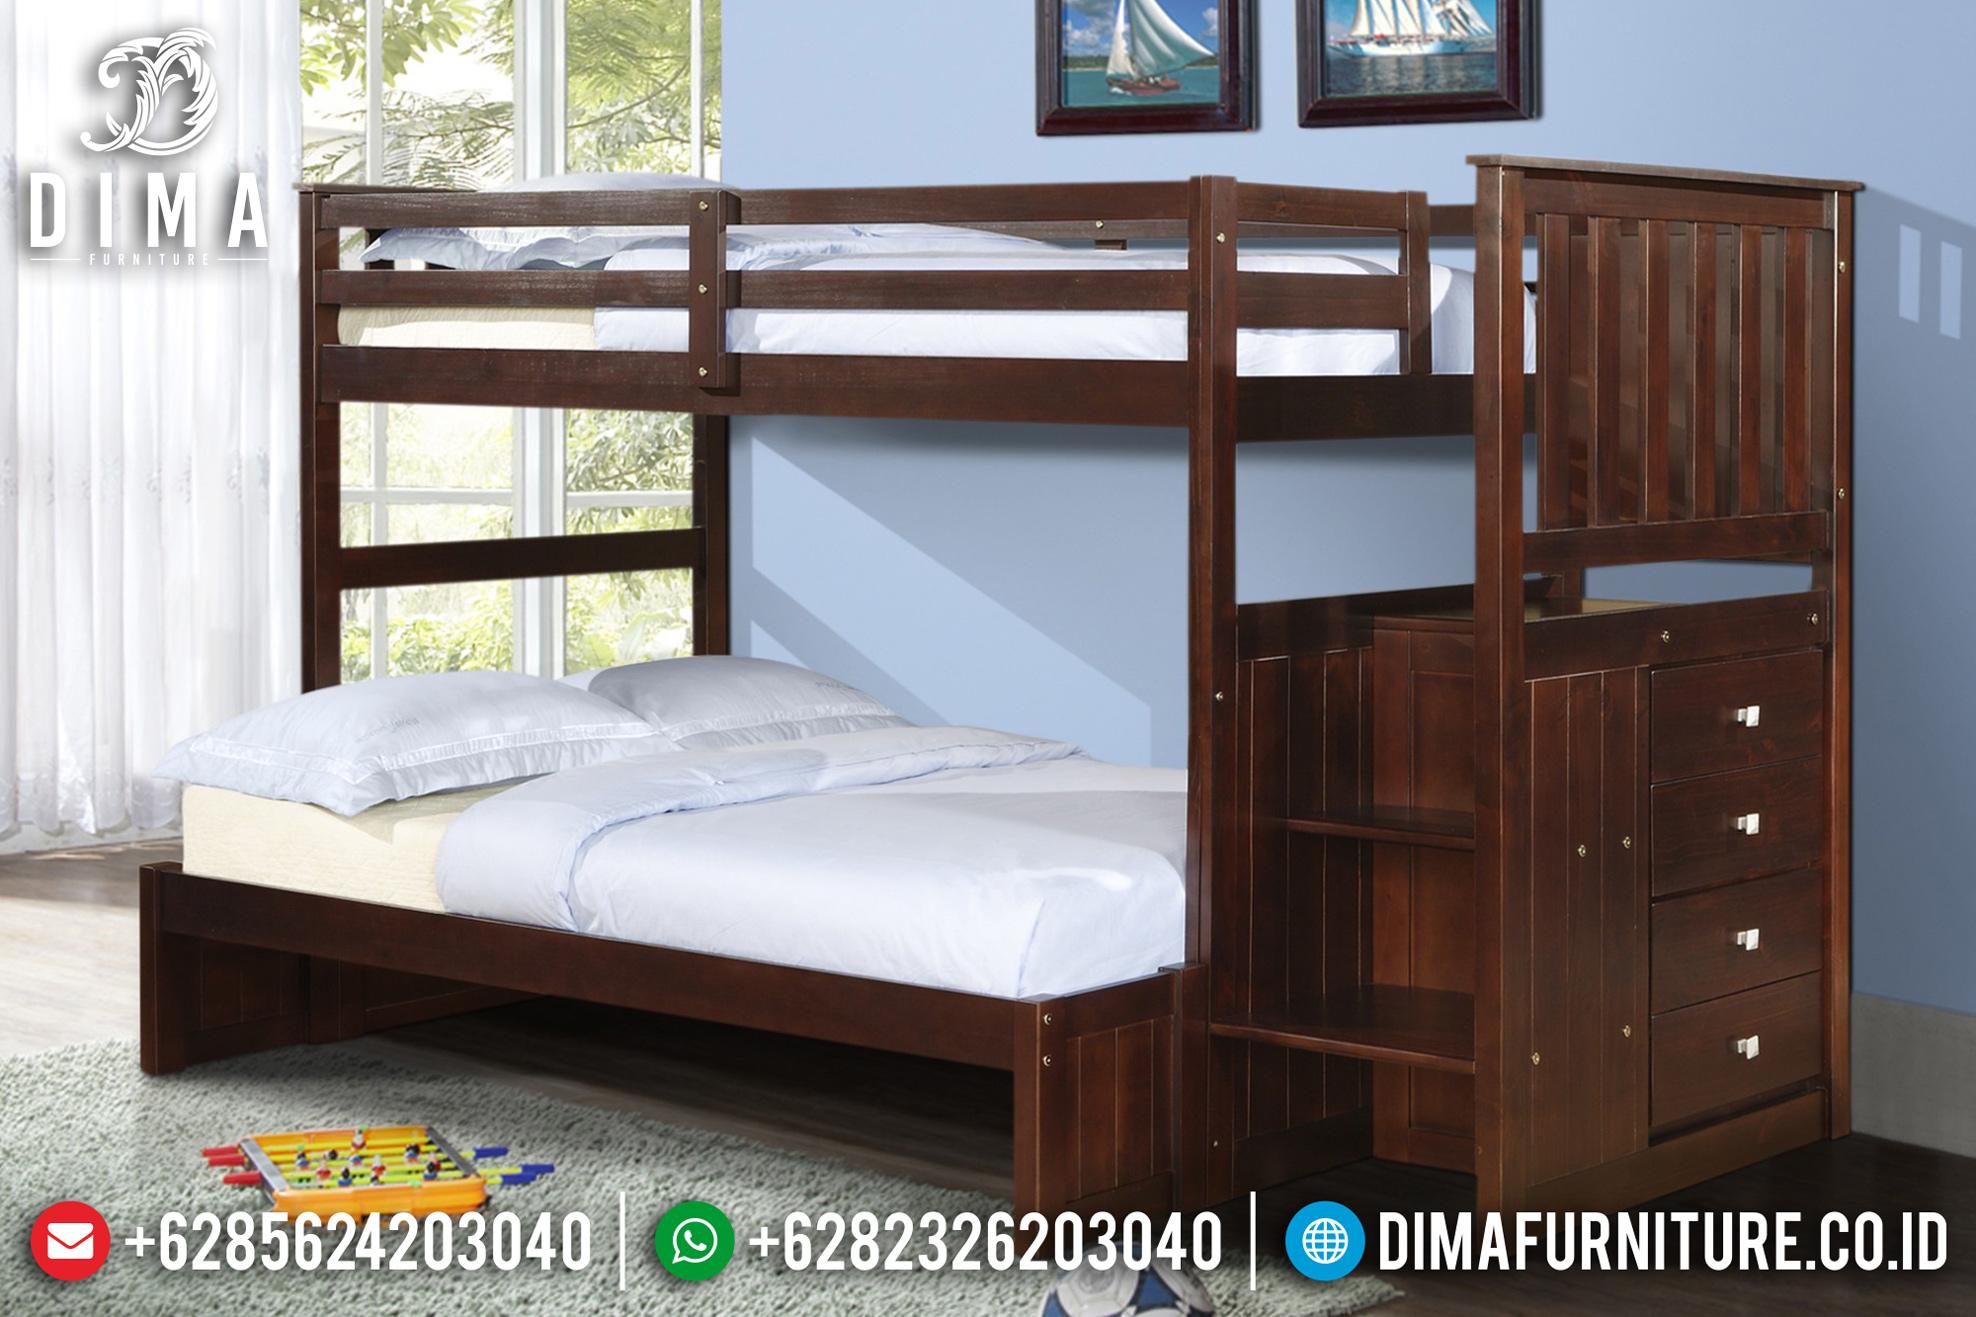 Tempat Tidur Anak Minimalis Model Tingkat Jati Jepara Natural DF-0744